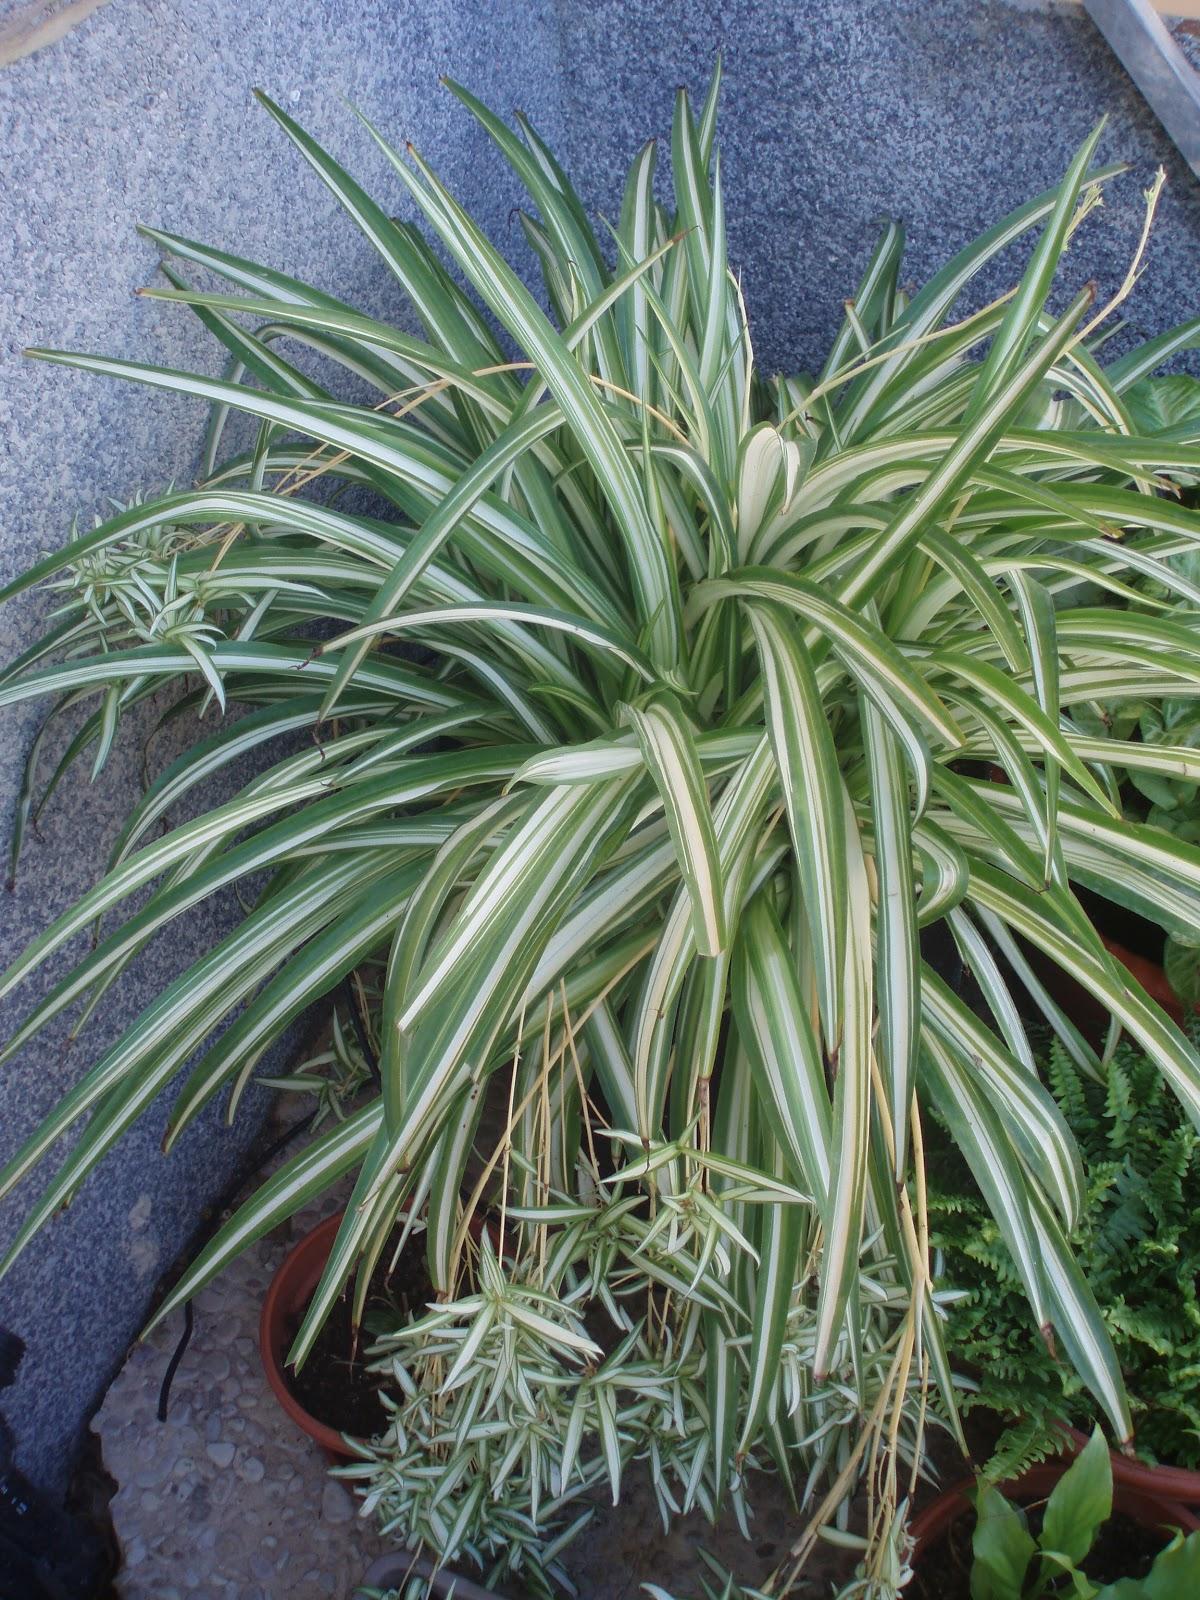 Cinta cholorophytum comosum crear un jard n - Cinta planta ...